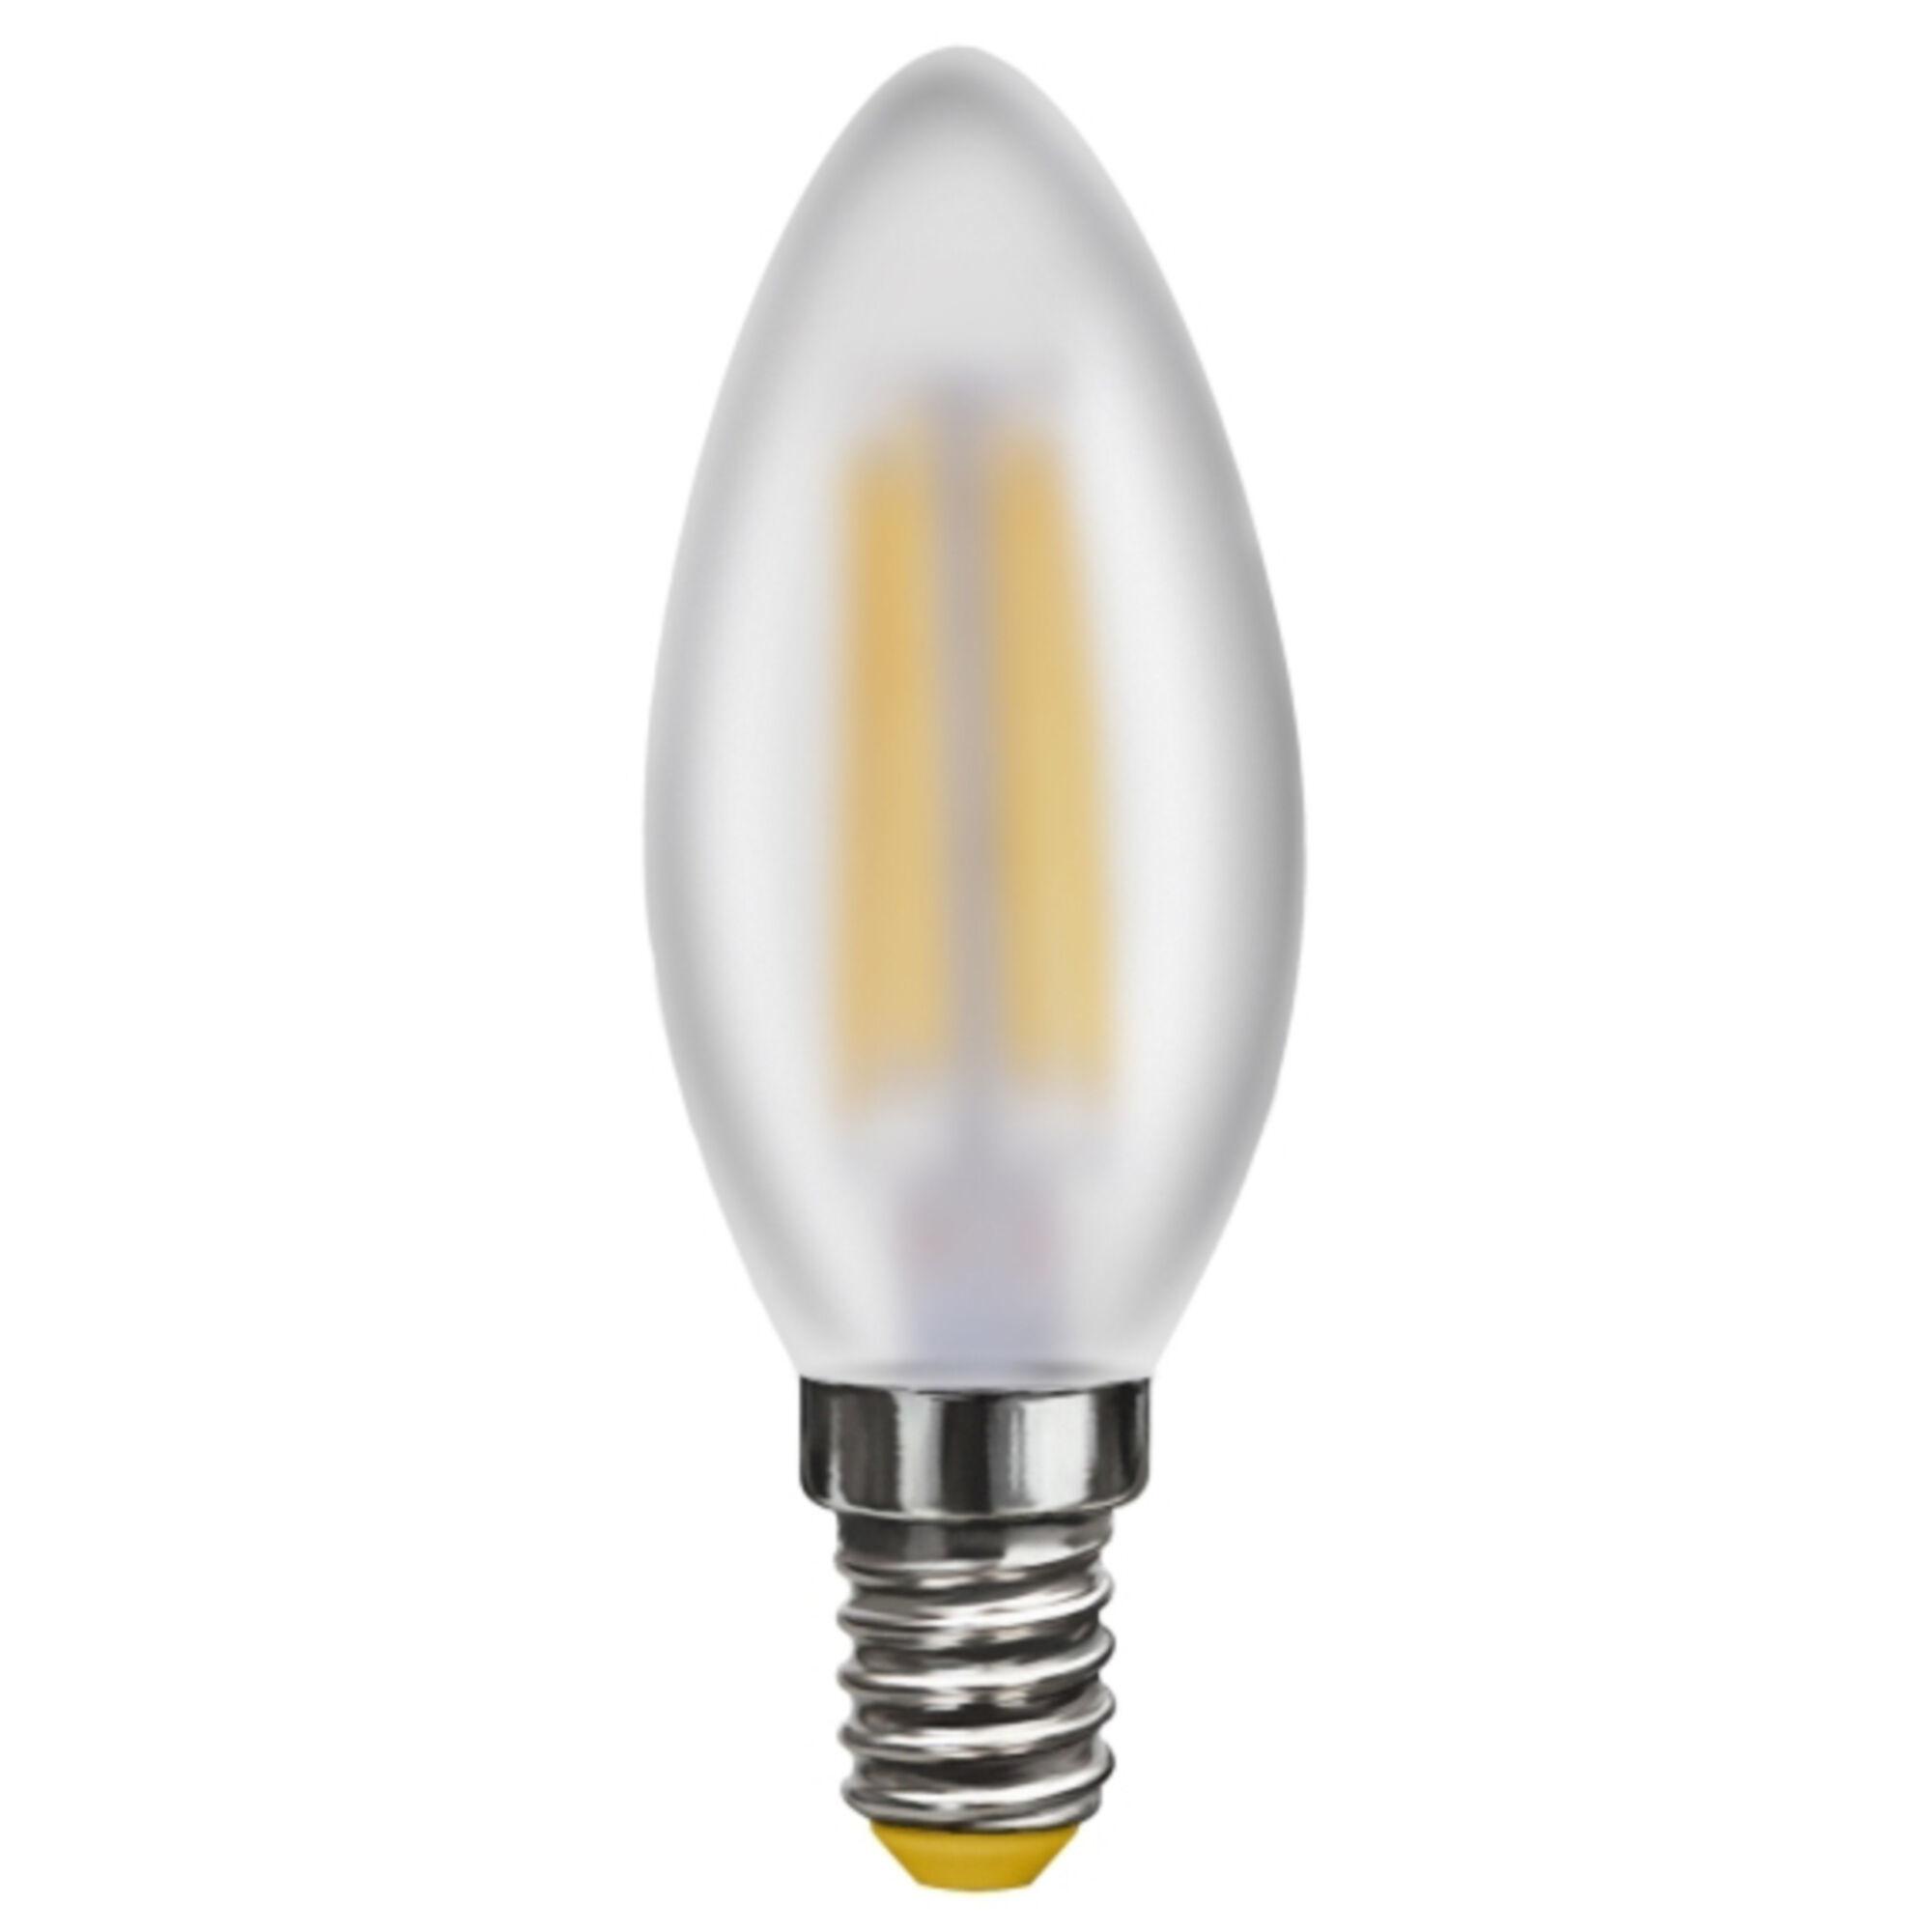 Филаментная светодиодная лампа Voltega Crystal 6999 C35 E14 4W, 2800K (теплый) 220V, диммируемая, гарантия 3 года - фото 1